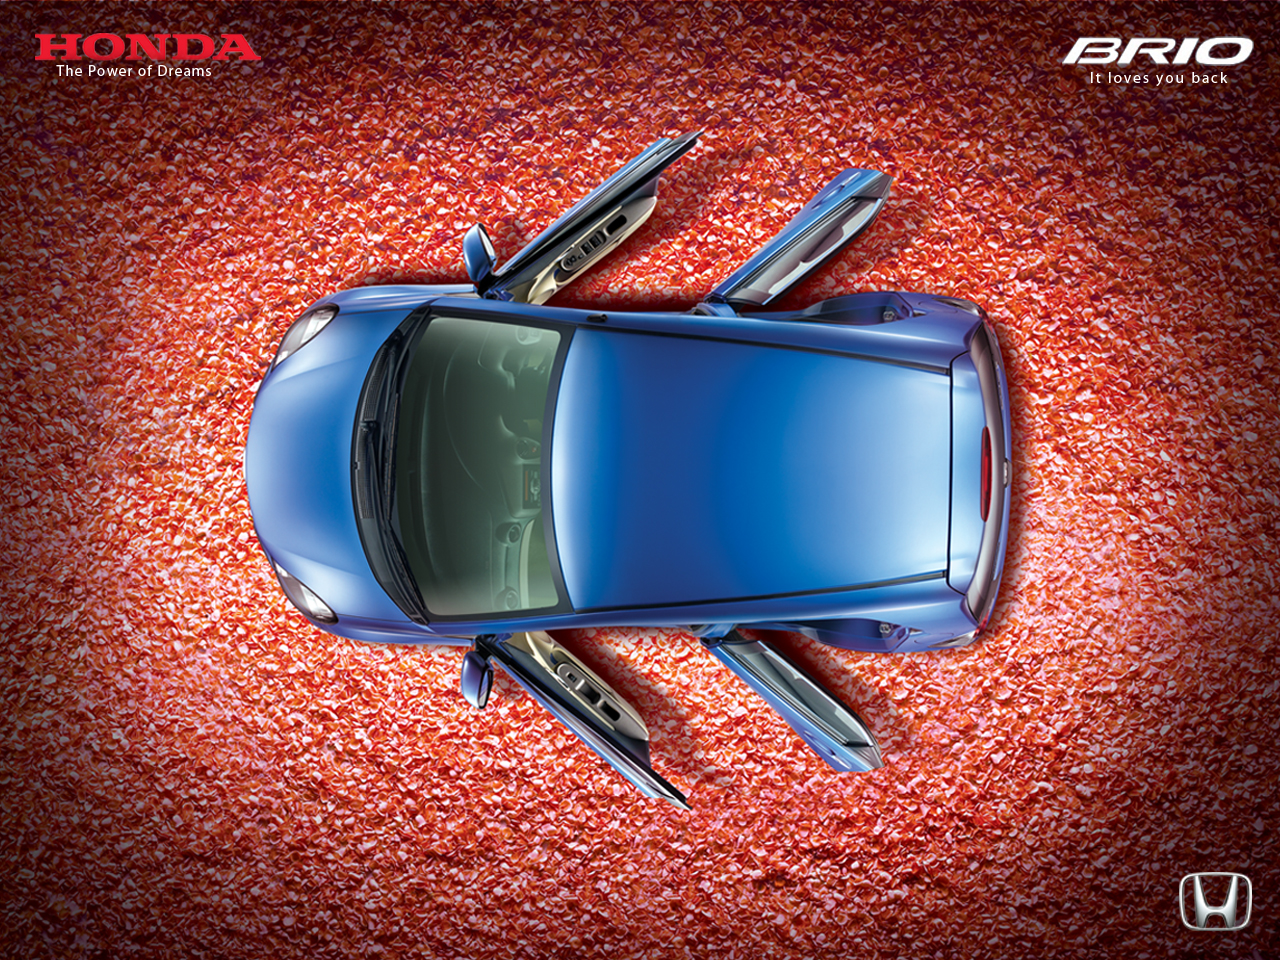 Next-gen Honda Brio to get a 1.2L diesel engine